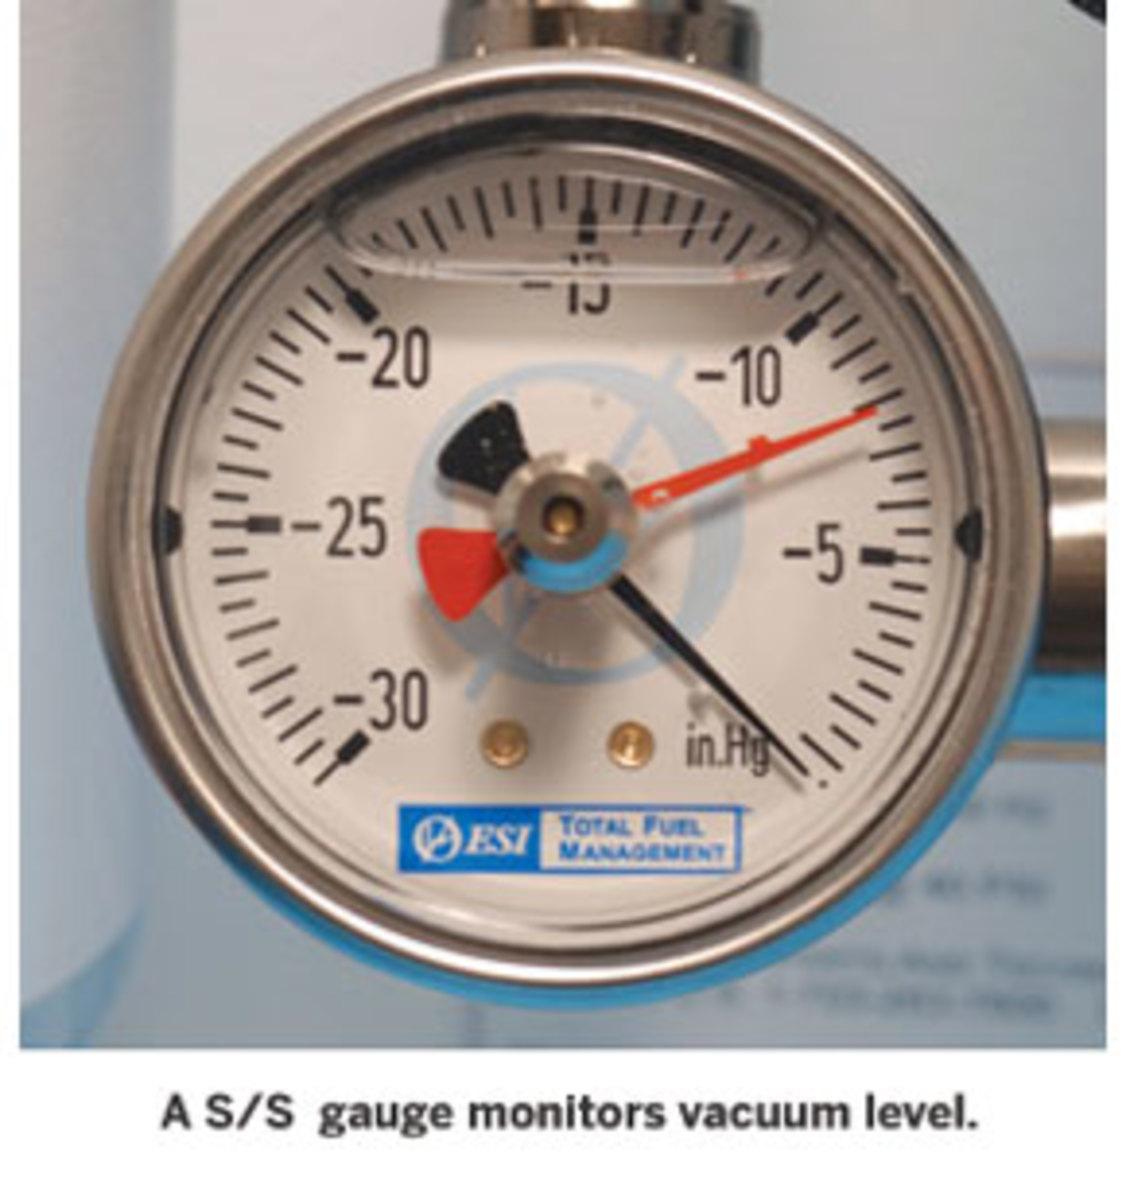 ESI gauge